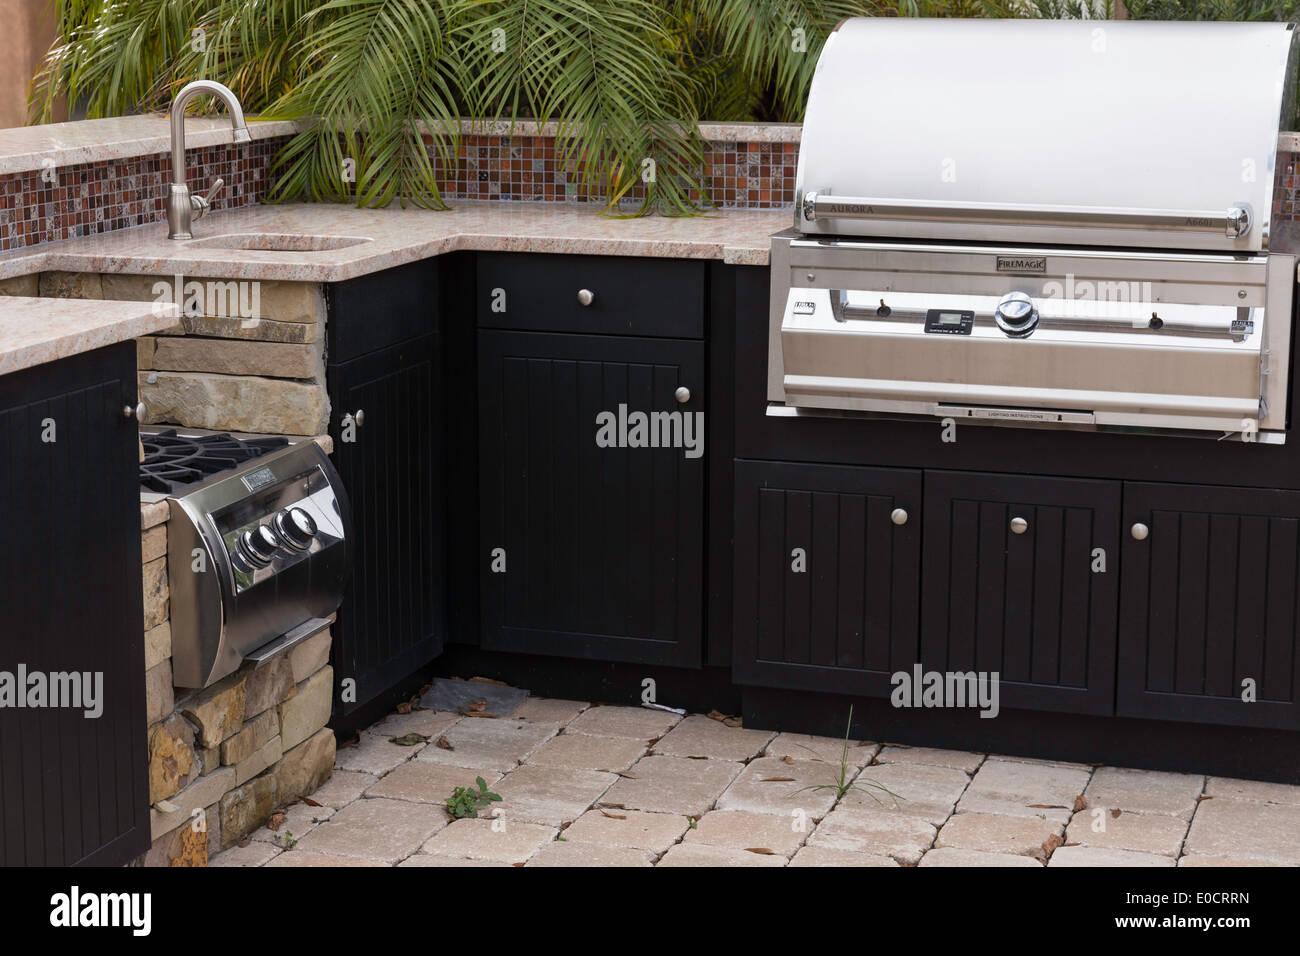 Outdoor Küche Aus Usa : Kitchen inventory stockfotos & kitchen inventory bilder alamy